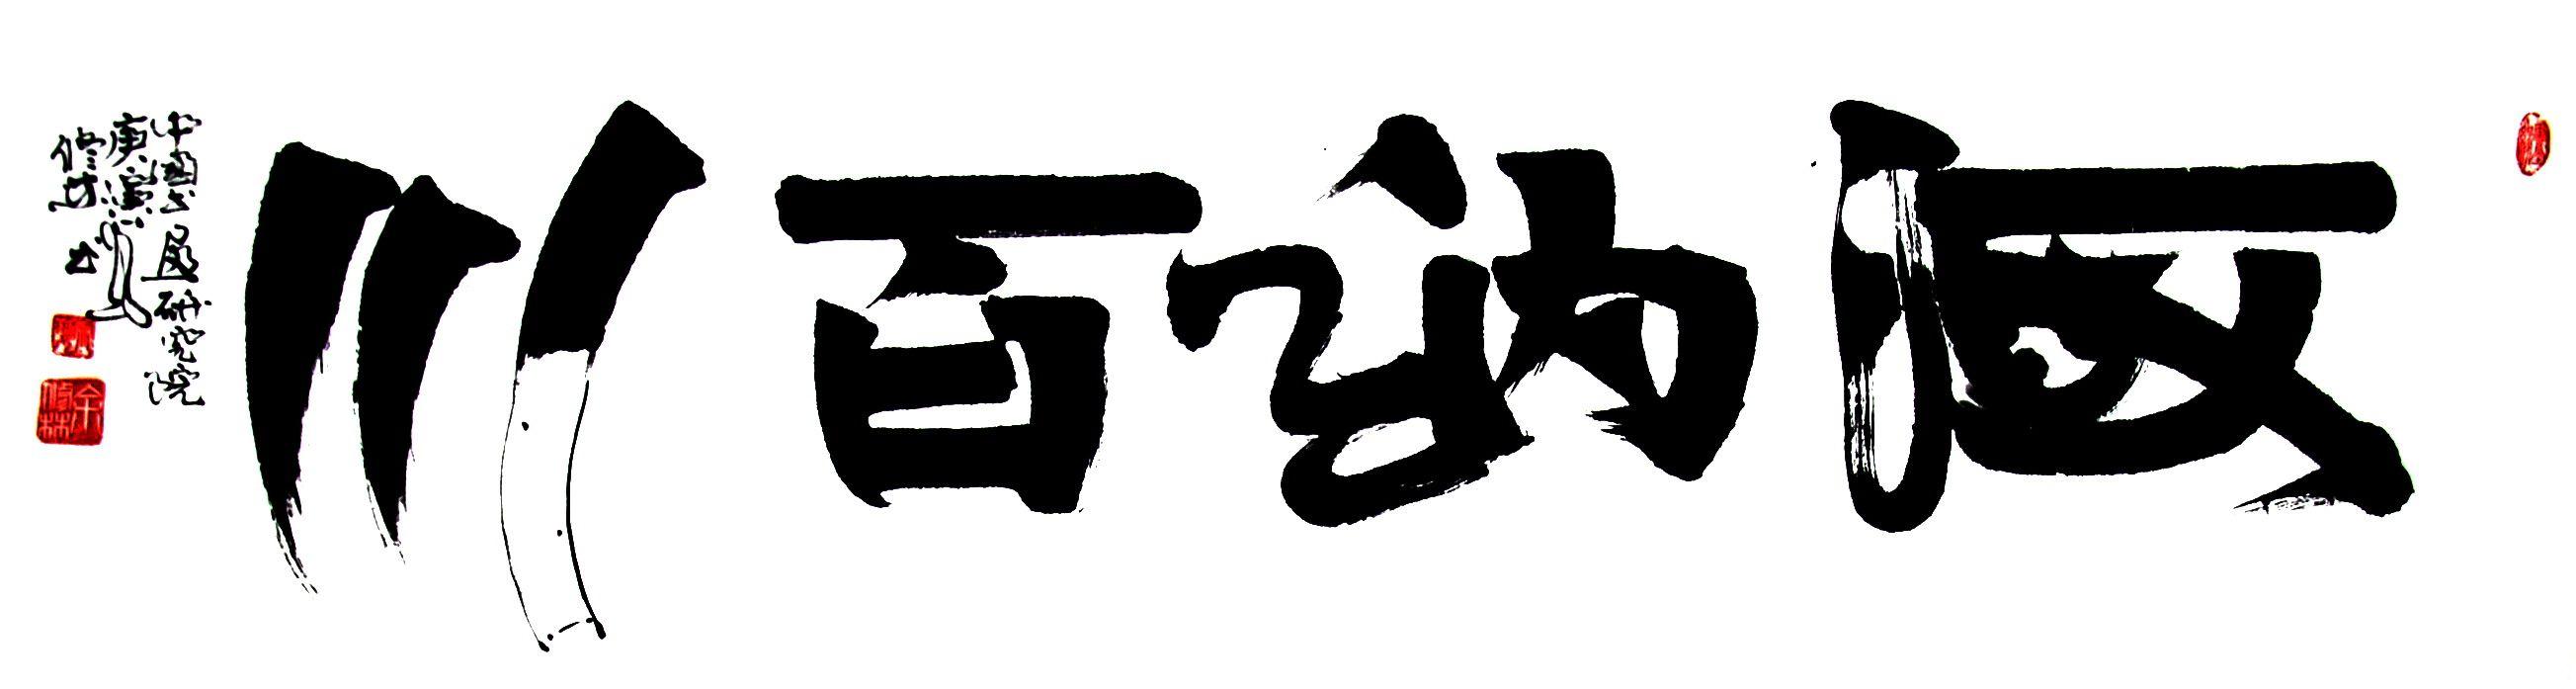 再渗入拼音文字的书写体式,时空穿插,进行各体式跨时,跨地借鉴,不时